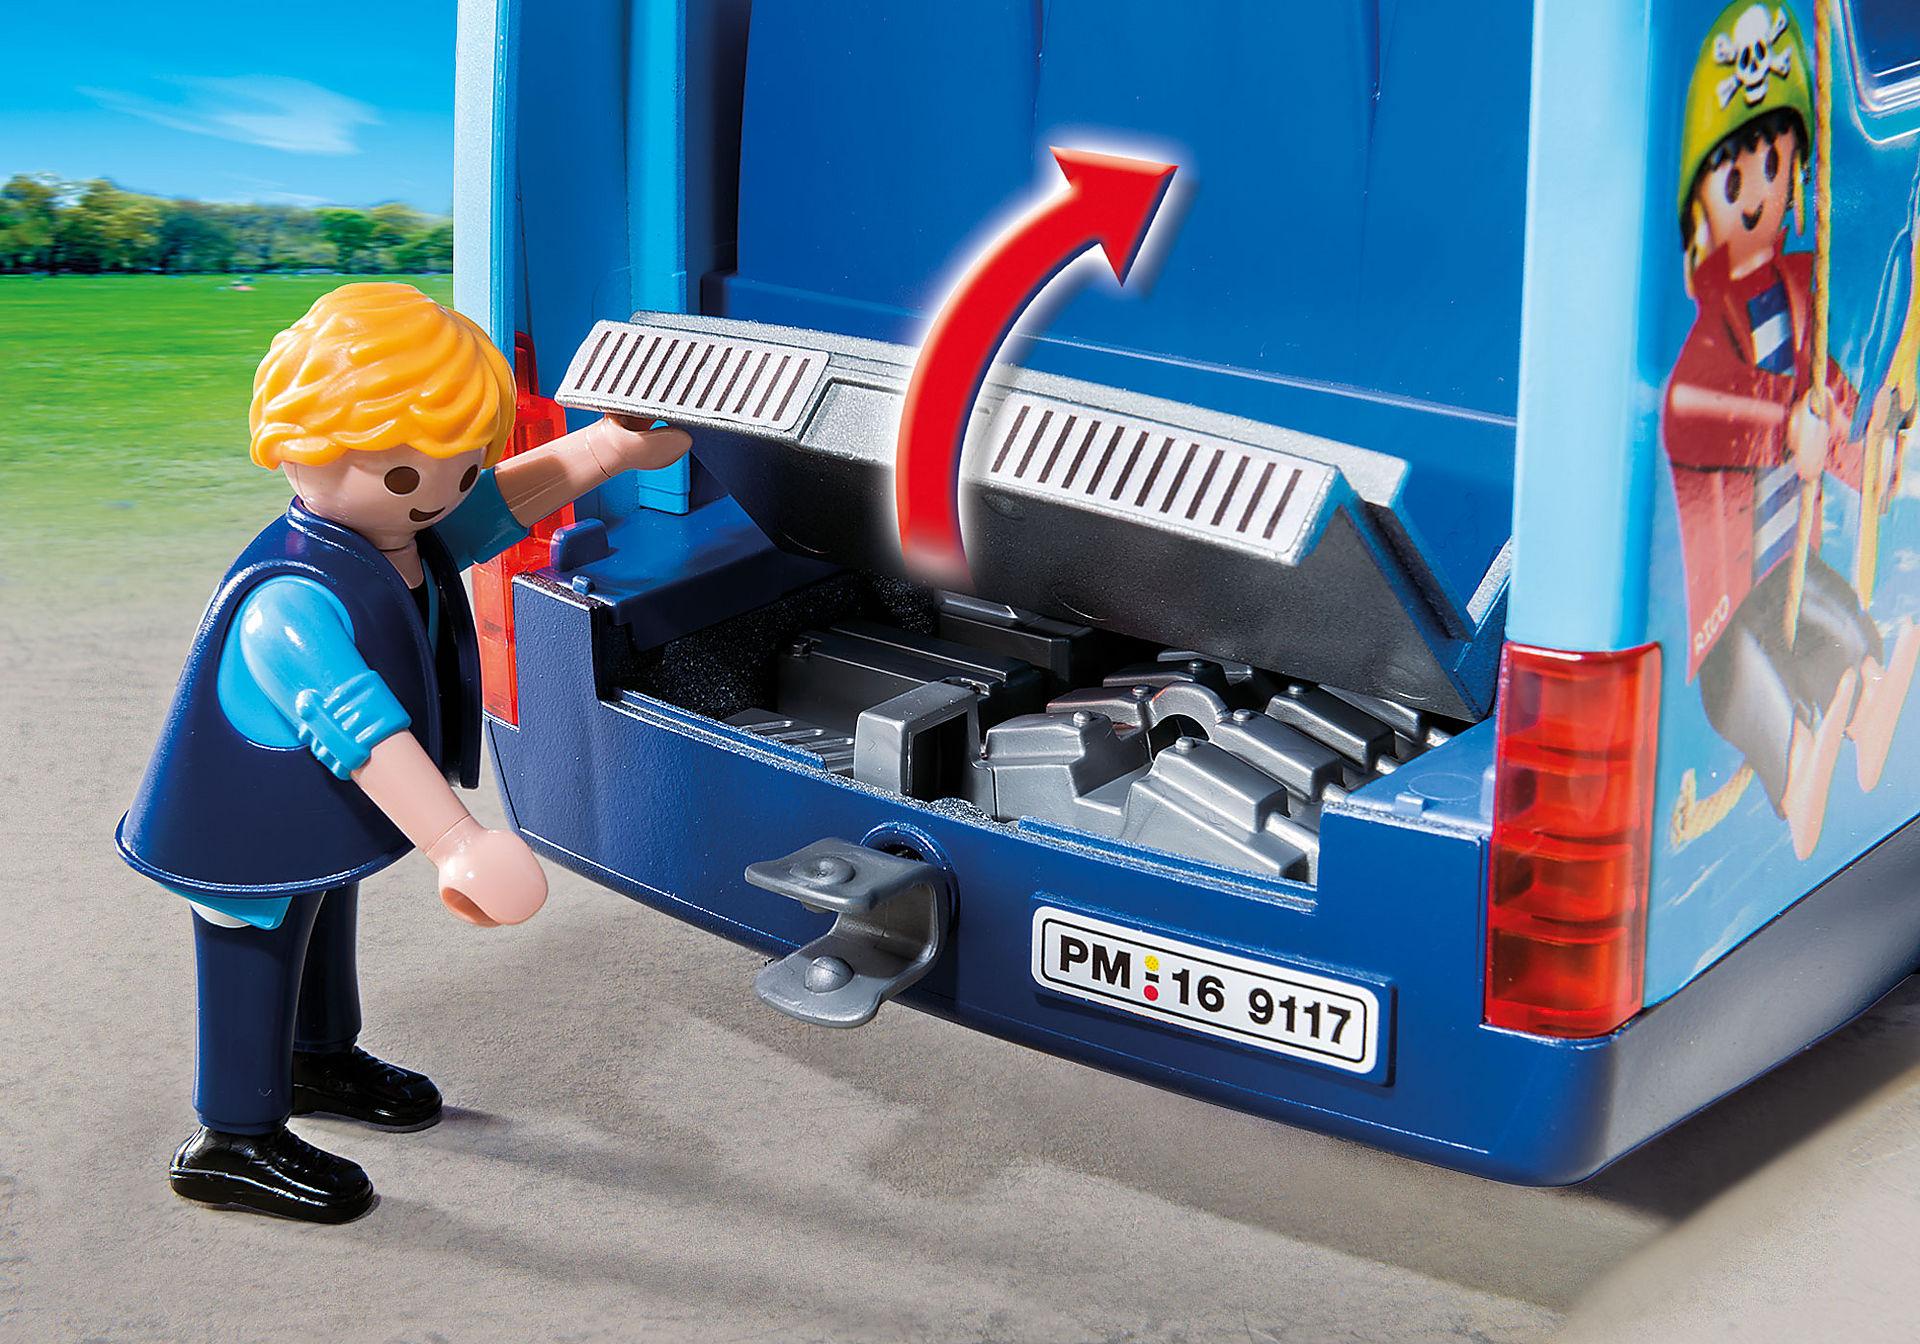 9117 PLAYMOBIL-FunPark Bus zoom image7